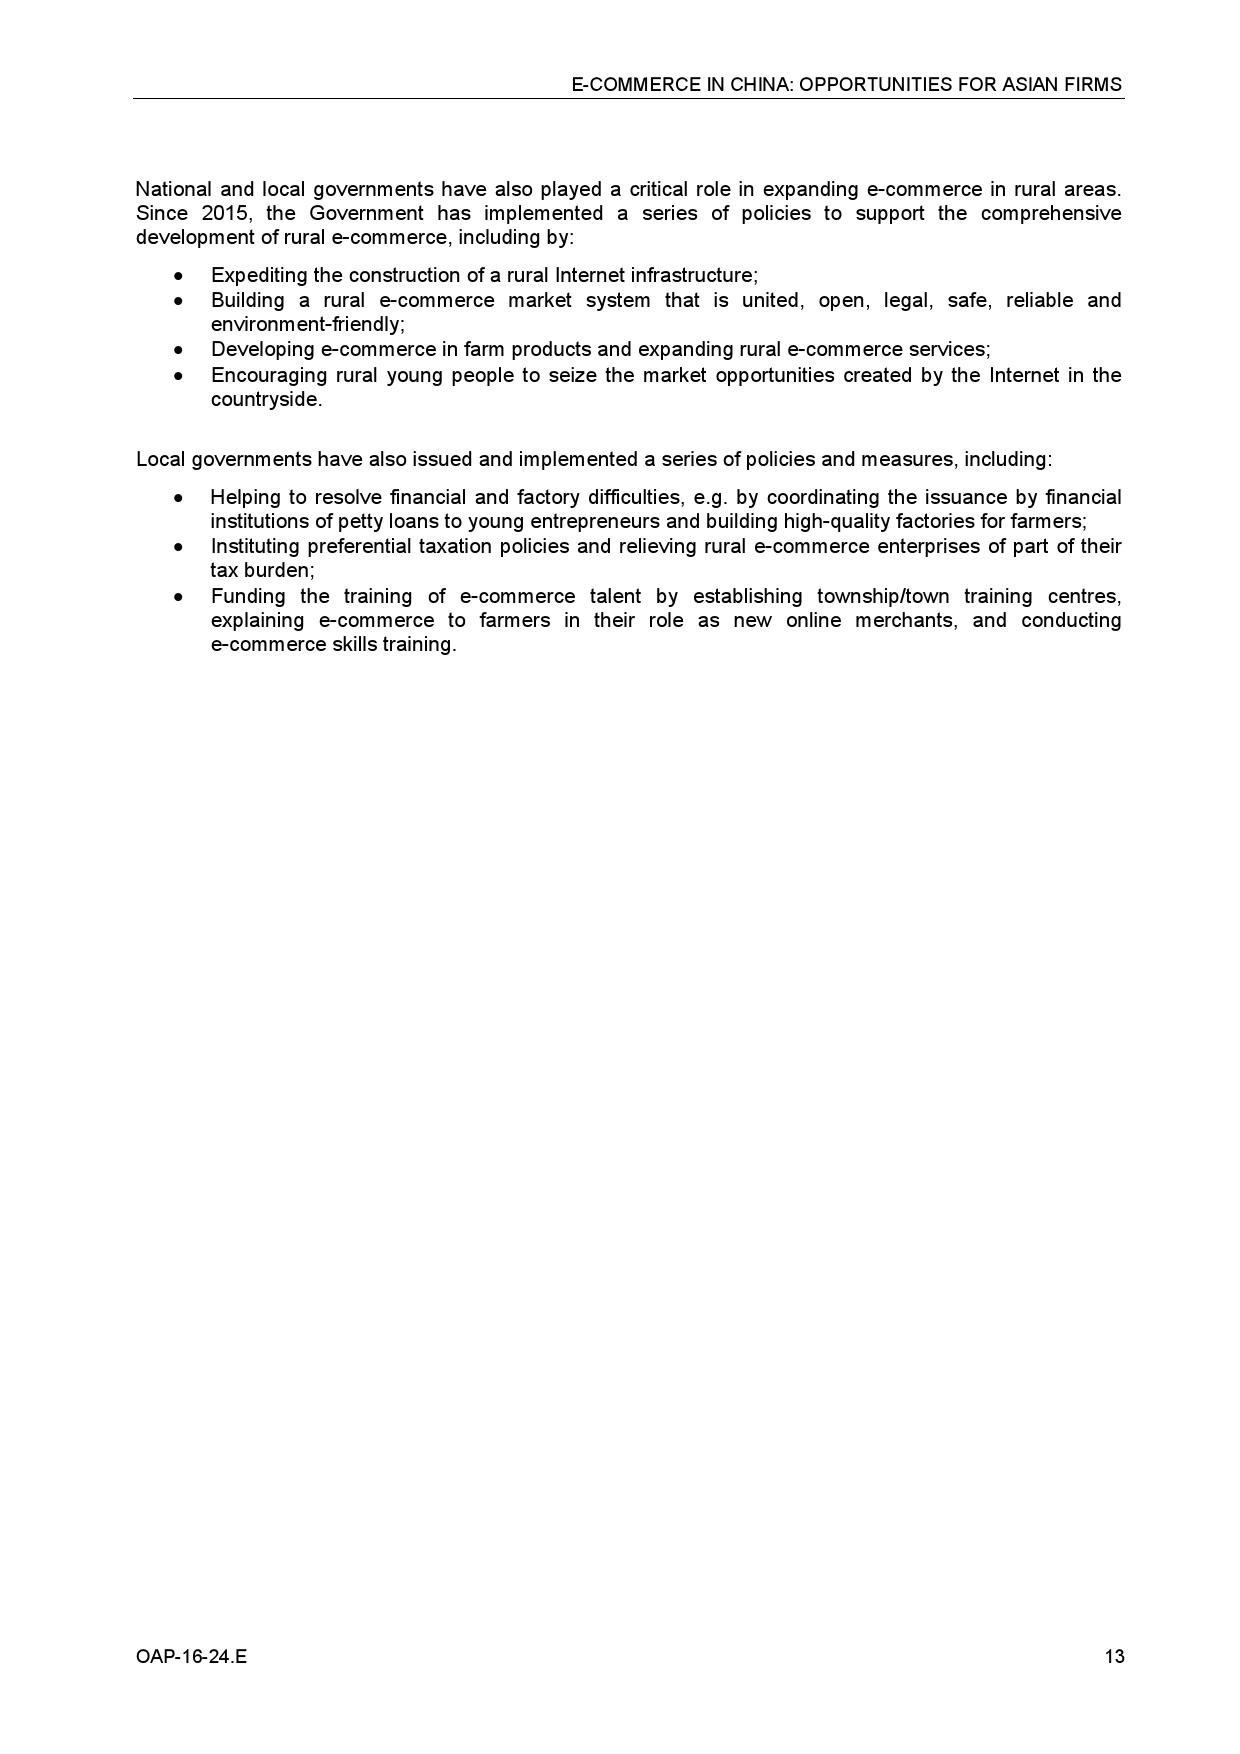 中国电子商务:对亚洲企业的机遇_000025